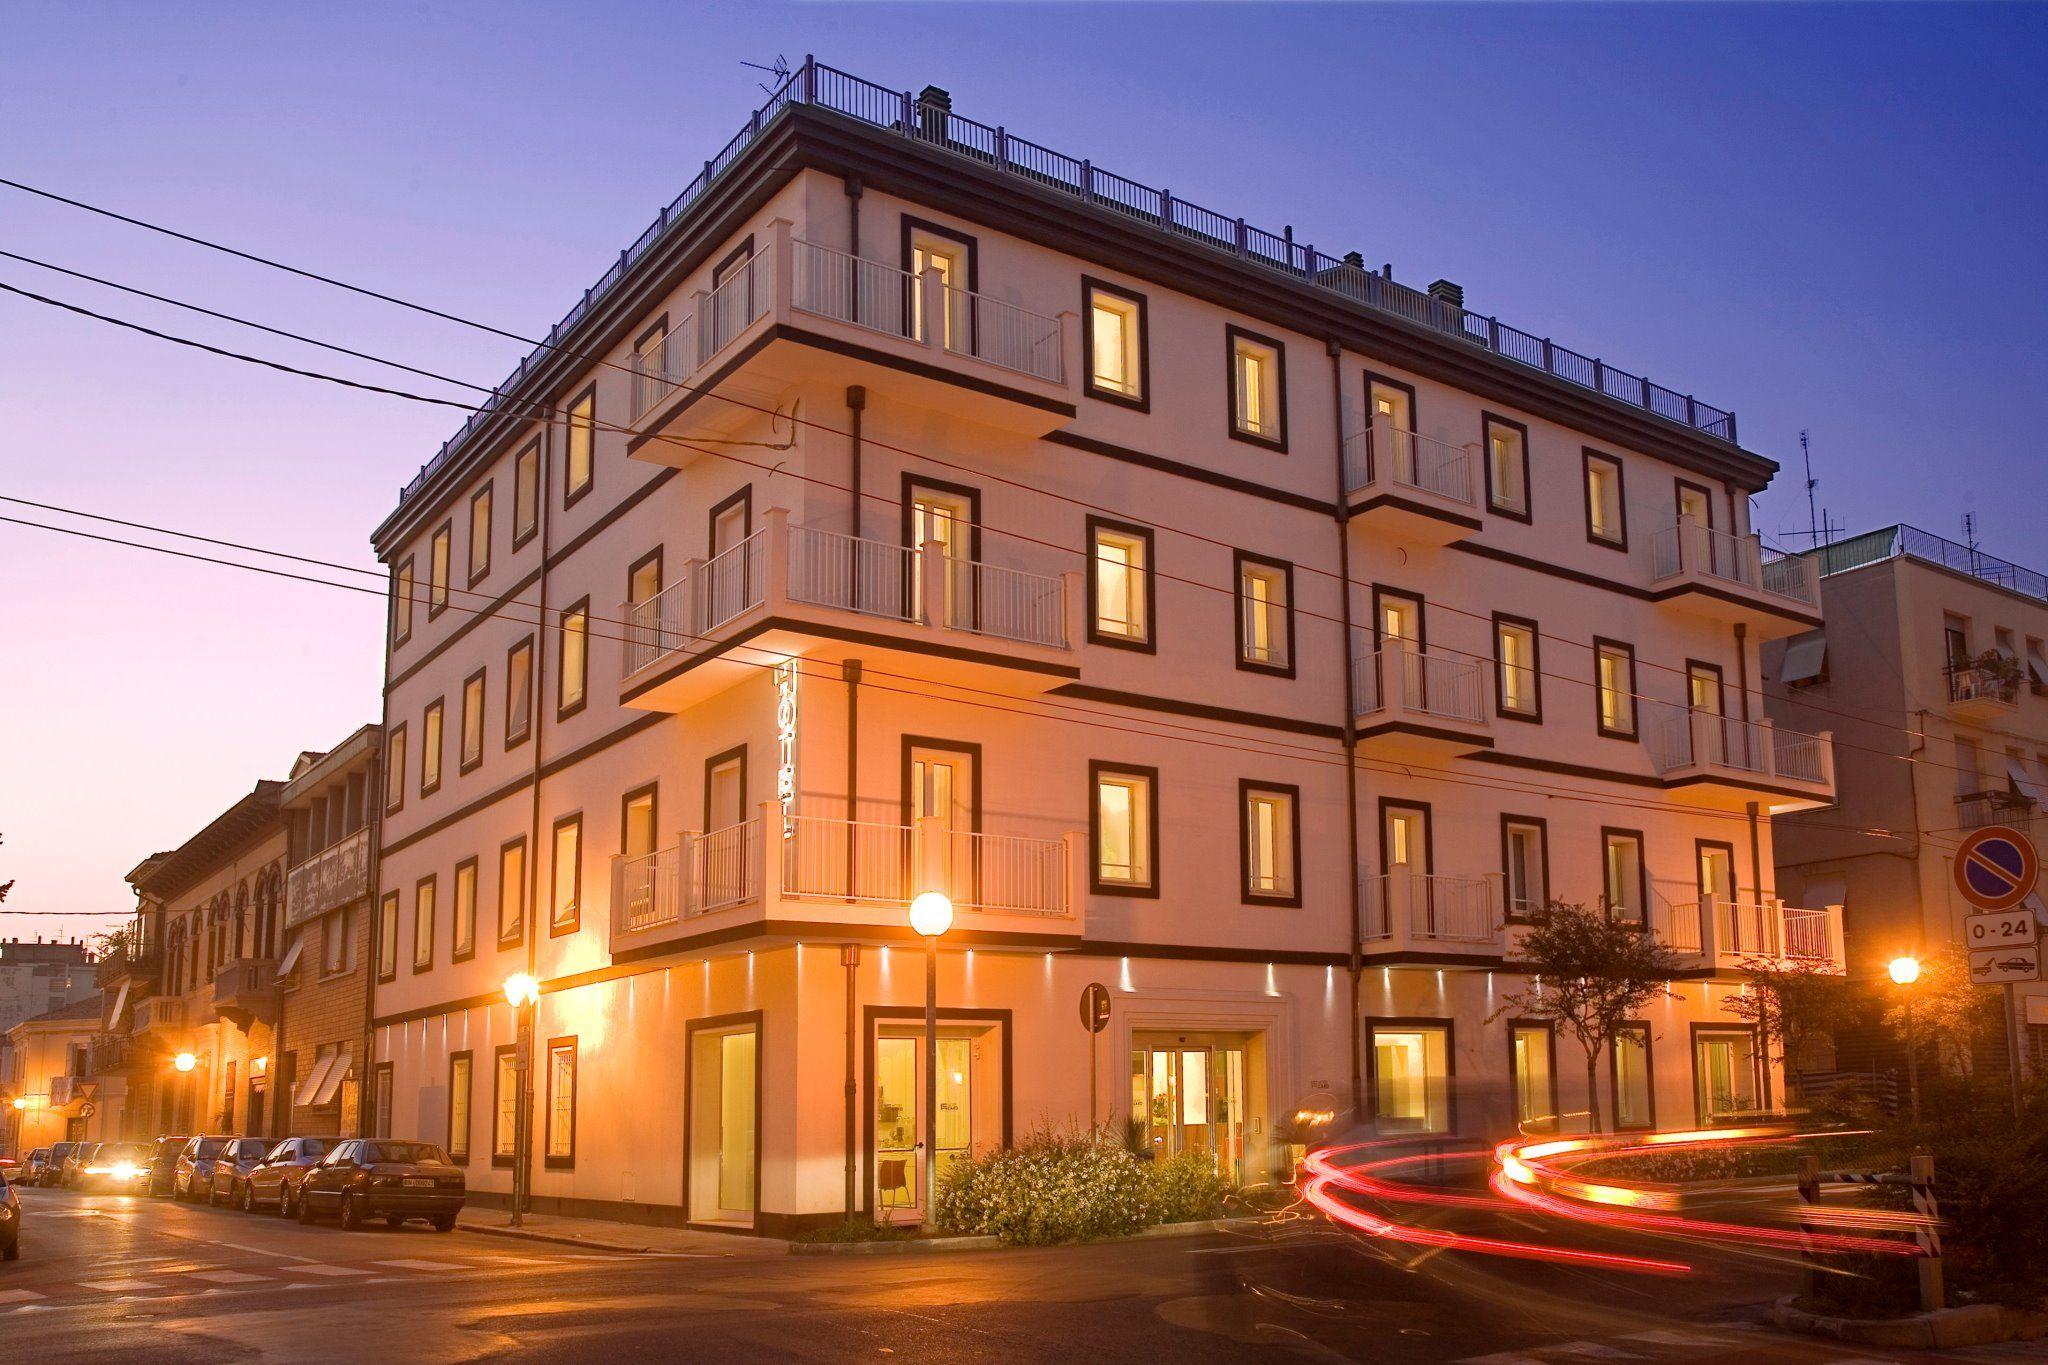 HOTEL CARD INTERNATIONAL - Rimini | http://www.facebook.com/pages/Hotel-Card-InternationalS/71255779308 | http://www.hotelcard.it